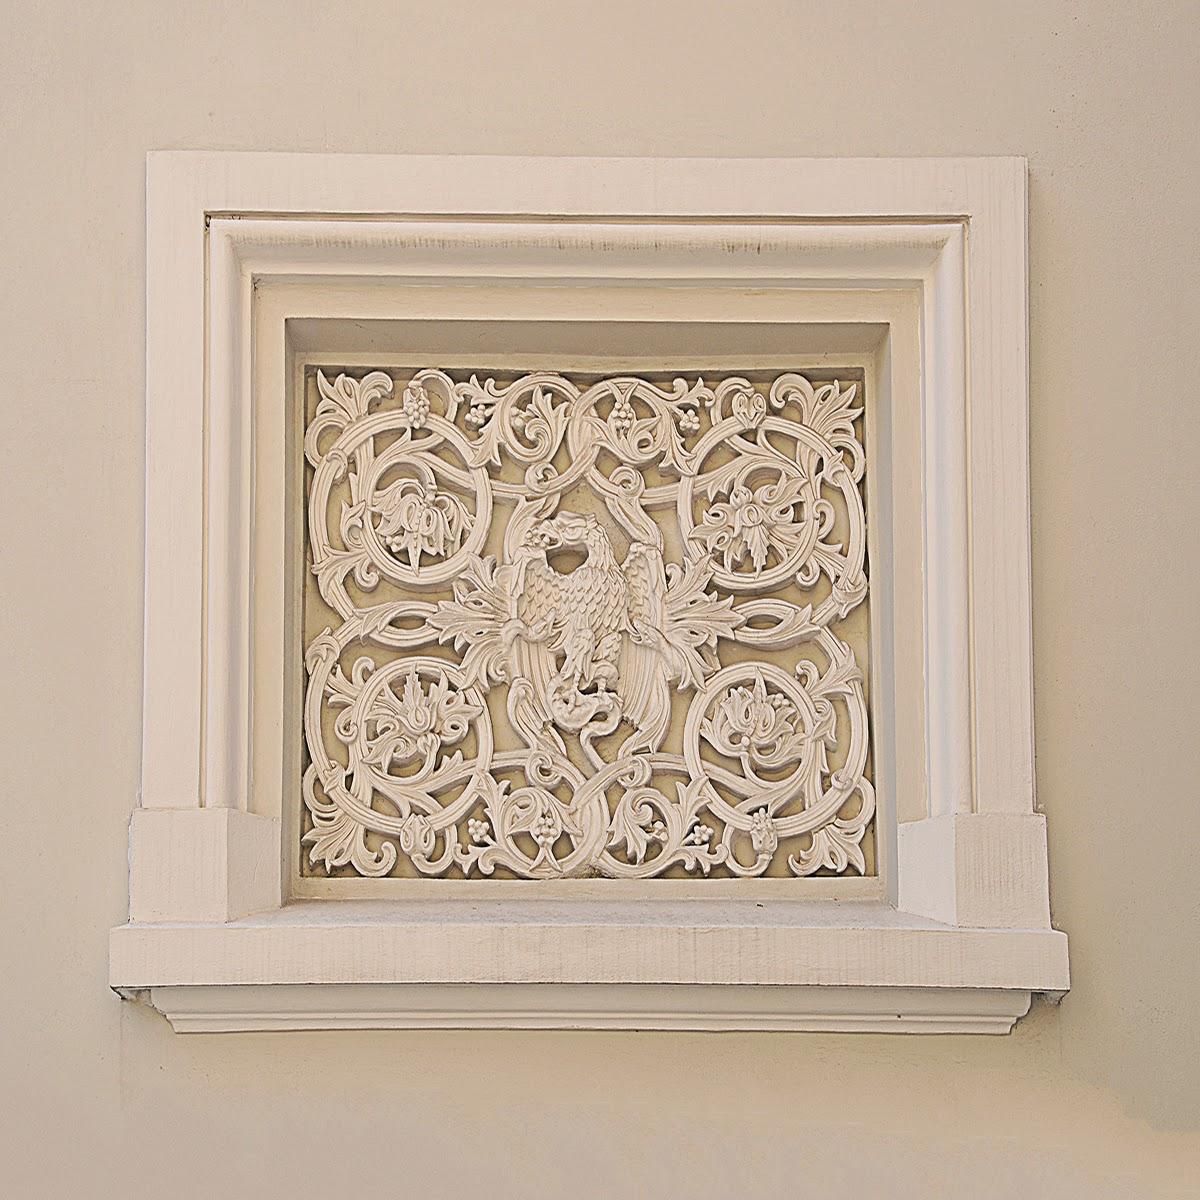 fresca, panou decorativ neoromanesc, Elemente decorative polistiren